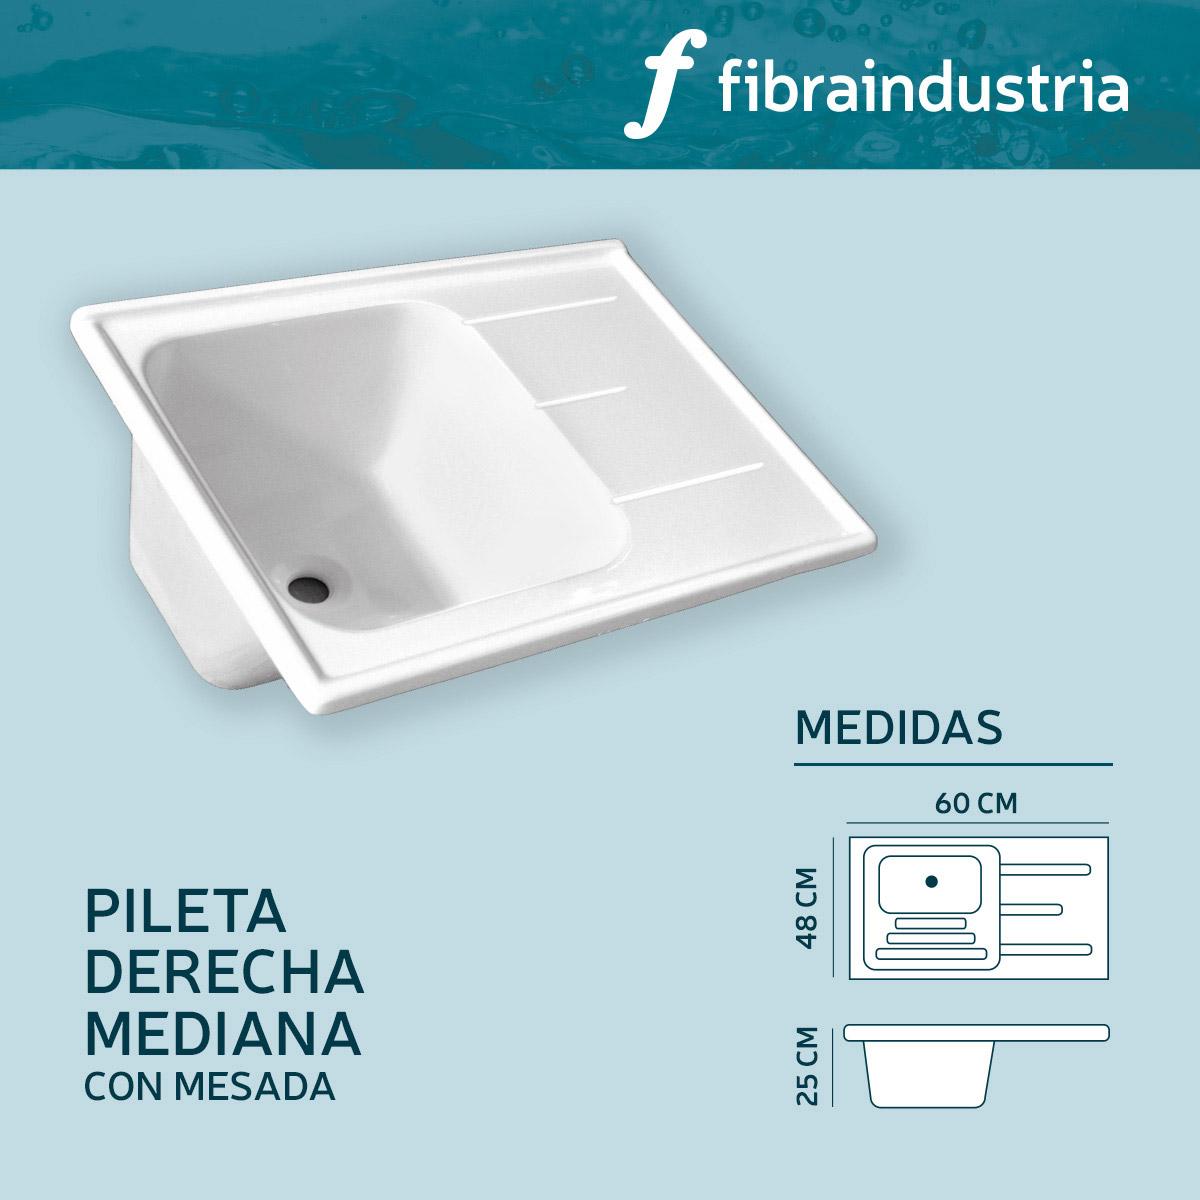 Pileta Marmol Sintetico 60 X 48 Con Mesada Derecha Fibraindustria